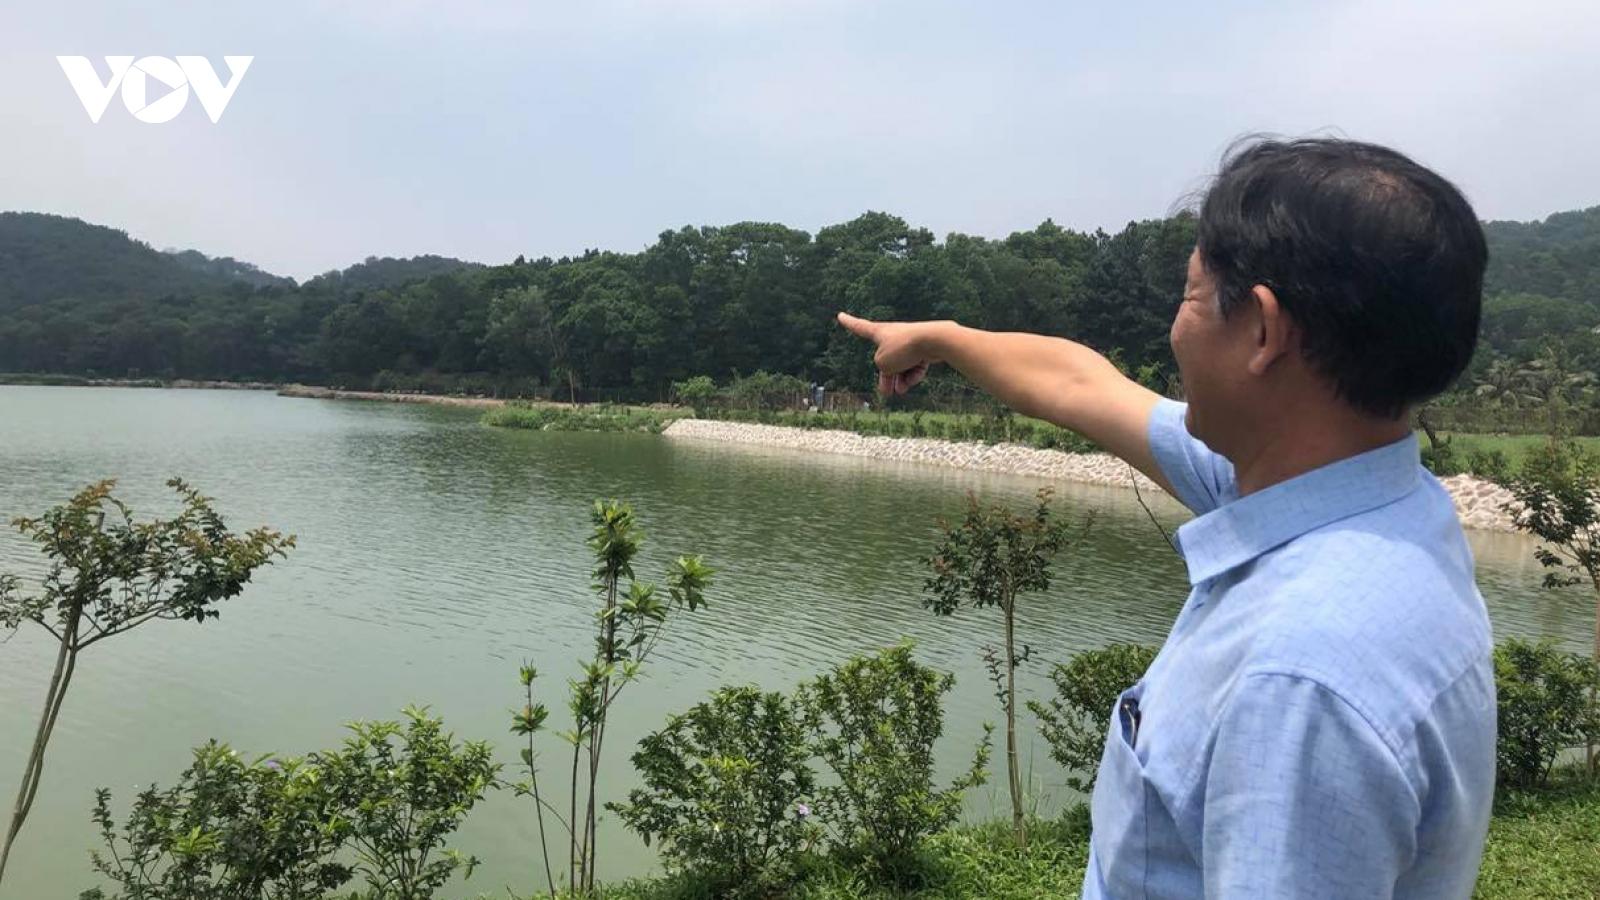 Vướng mắc quyền sử dụng đất, người dân hồ Đồng Chầm khó phát triển kinh tế, thương mại